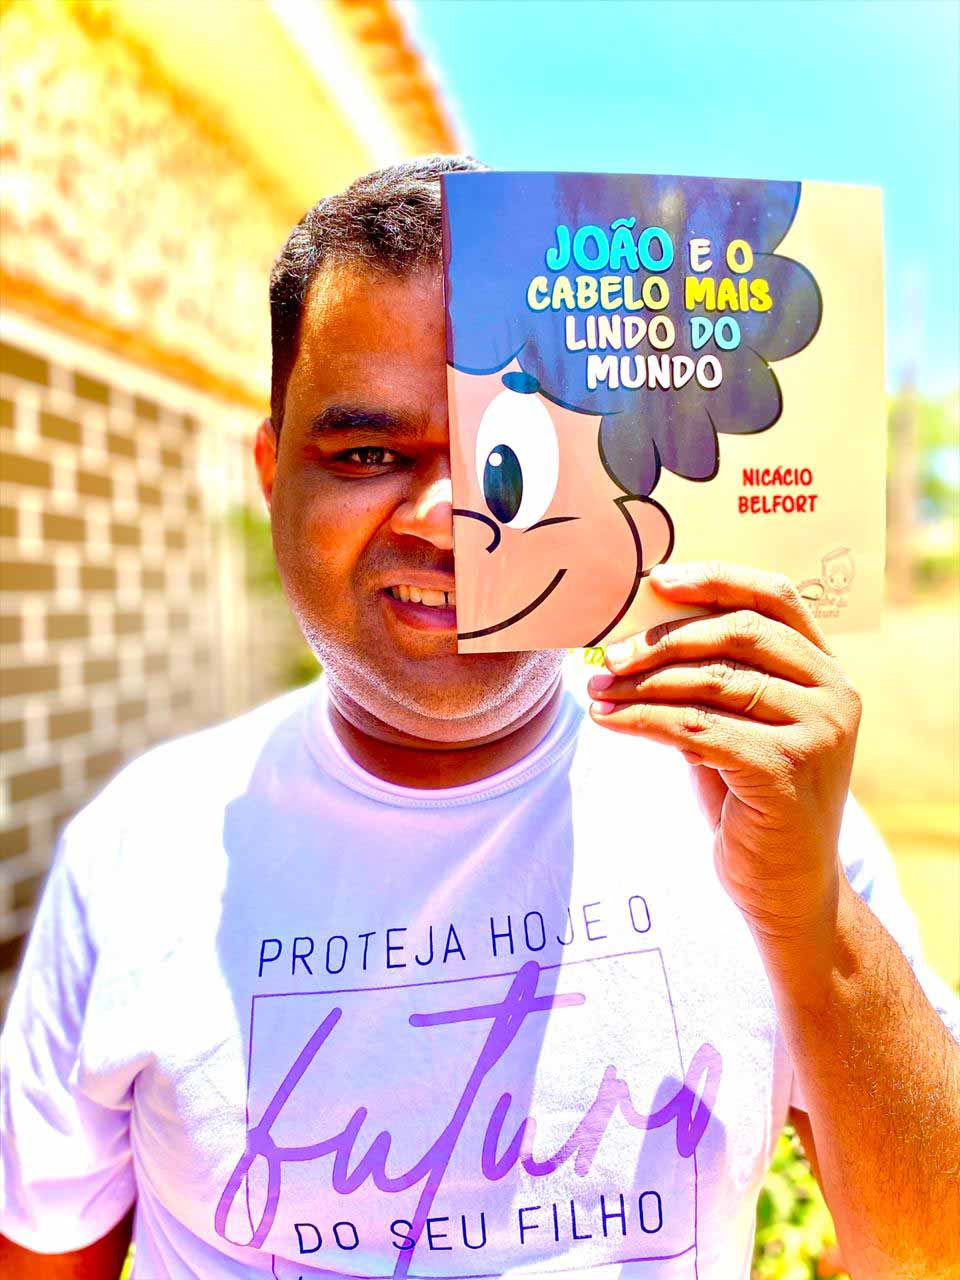 Após sofrer preconceitos na infância, nordestino lança livro para elevar autoestima de crianças com cabelo crespo 2